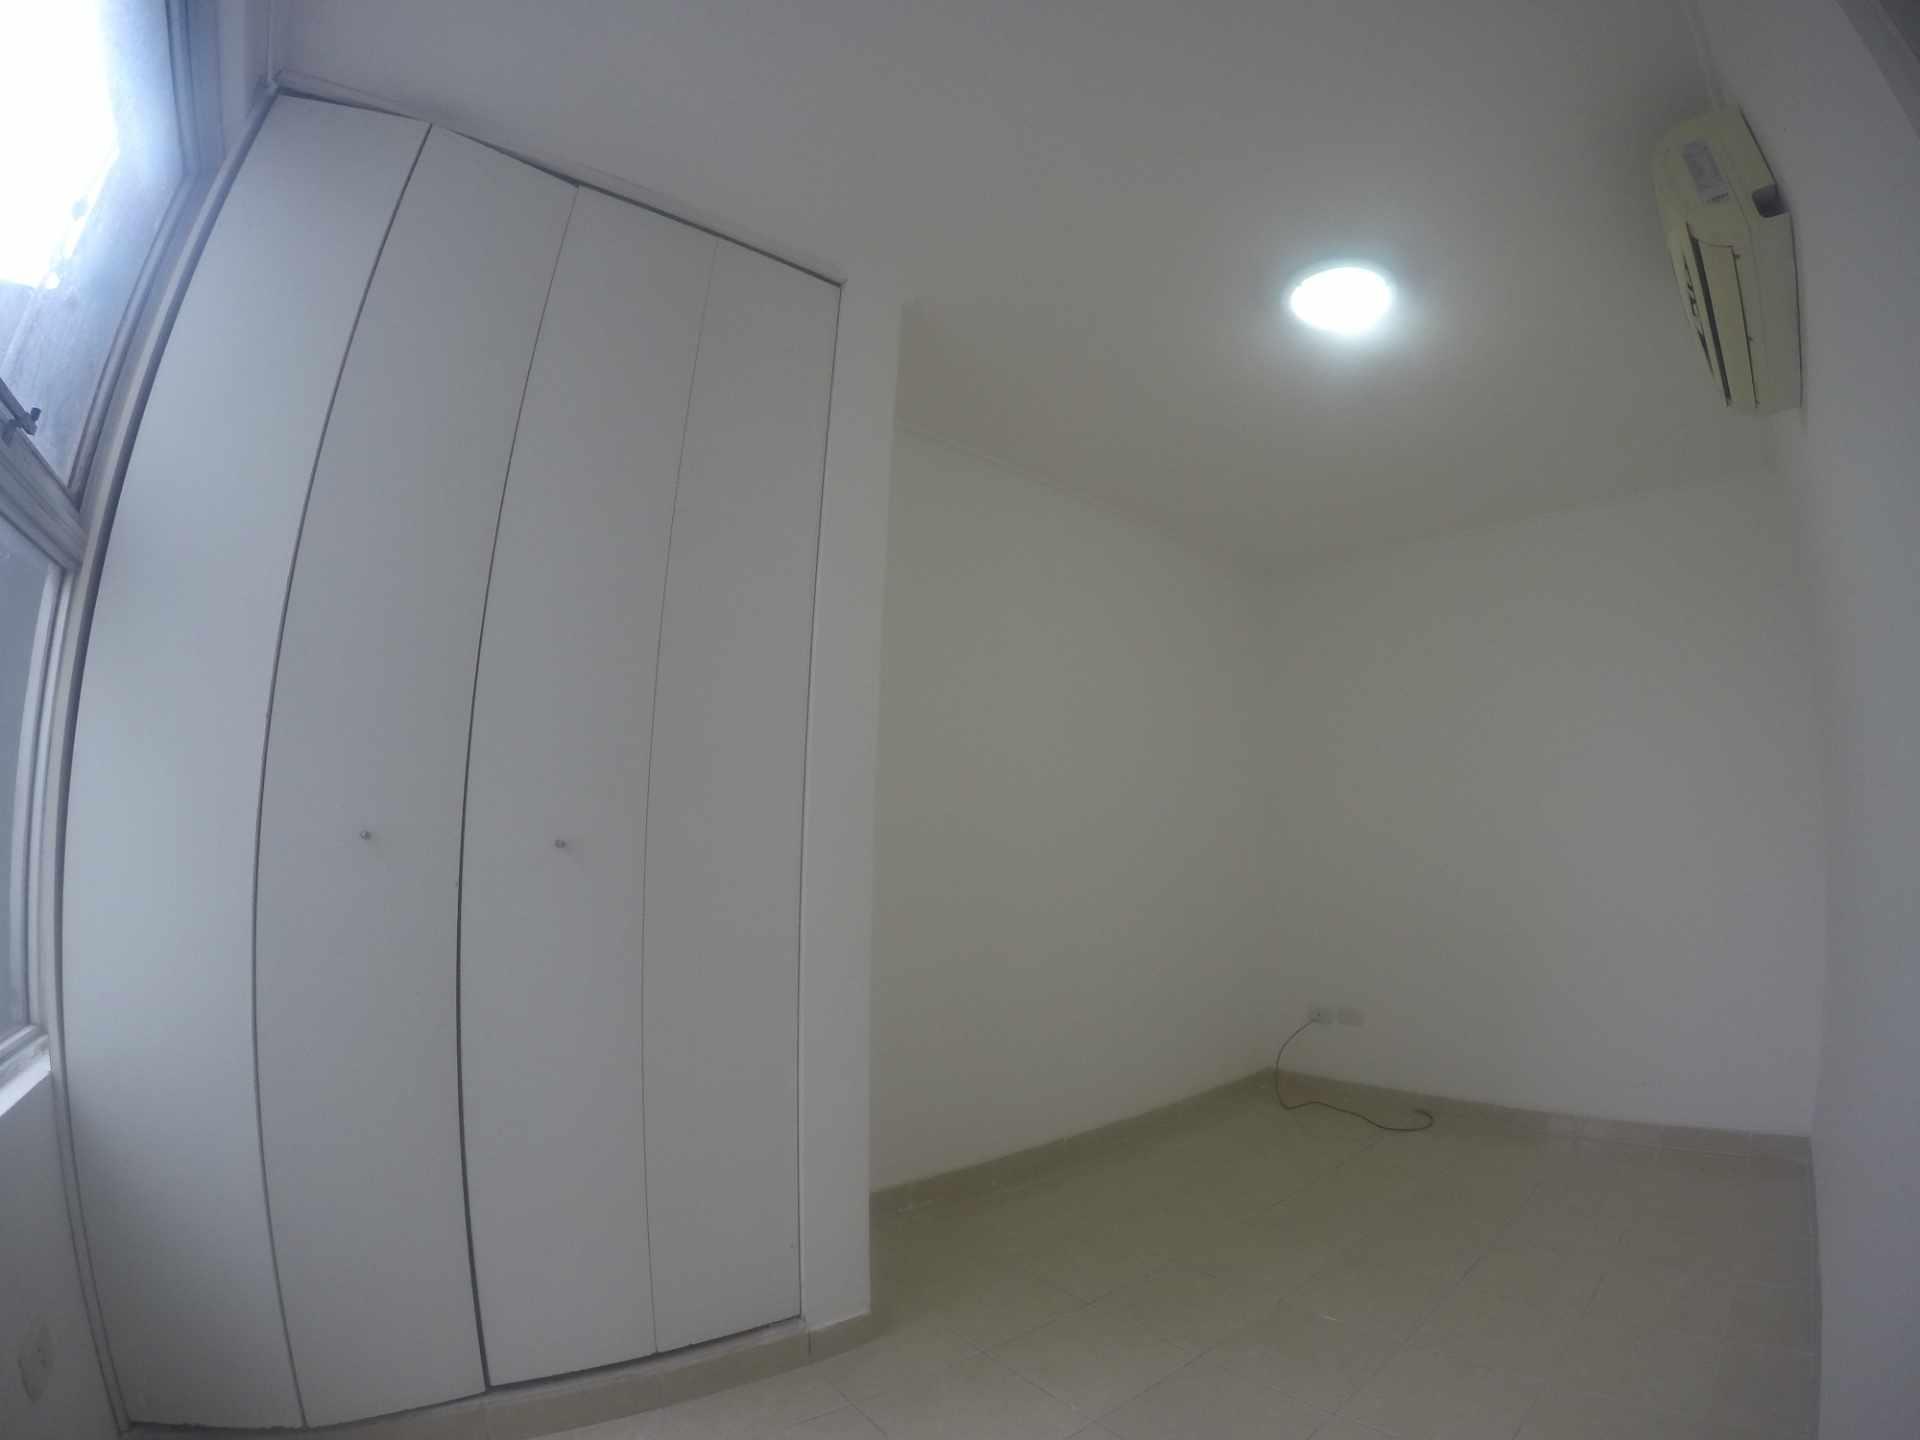 Departamento en Venta Condominio San Antonio [Av. Banzer 2do. y 3er. Anillo], De ocasión vendo departamento de 2 dormitorios sin parqueo. [69.000$us.] Foto 4